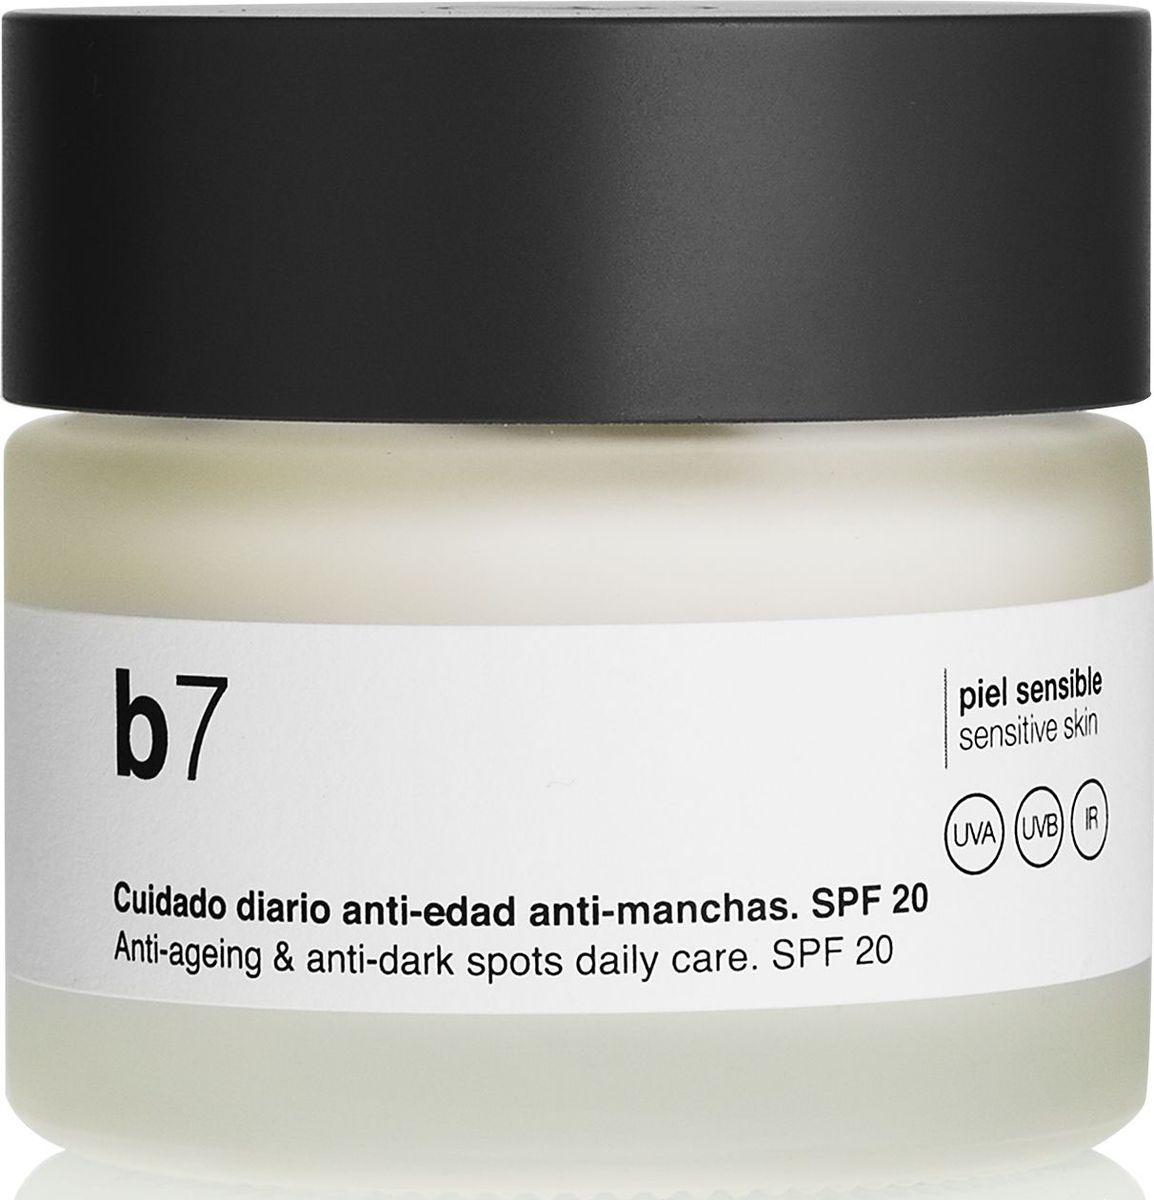 Bella Aurora Антивозрастной крем для лица выравнивающий тон кожи SPF 20, 50 млBA4051100Ежедневный антипигментный и антивозрастной уход для чувствительной и нежной кожи. Депигментирующий эффект, уменьшает темные пятна и другие изъяны, выравнивает тон кожи, обеспечивает сияние и интенсивное увлажнение. Регенерирует кожу, уменьшает мелкие и мимические морщины. Укрепляет и восстанавливает естественную систему самозащиты кожи от внешних факторов. Успокаивает, смягчает, защищает и увлажняет кожу. Уменьшает покраснение.